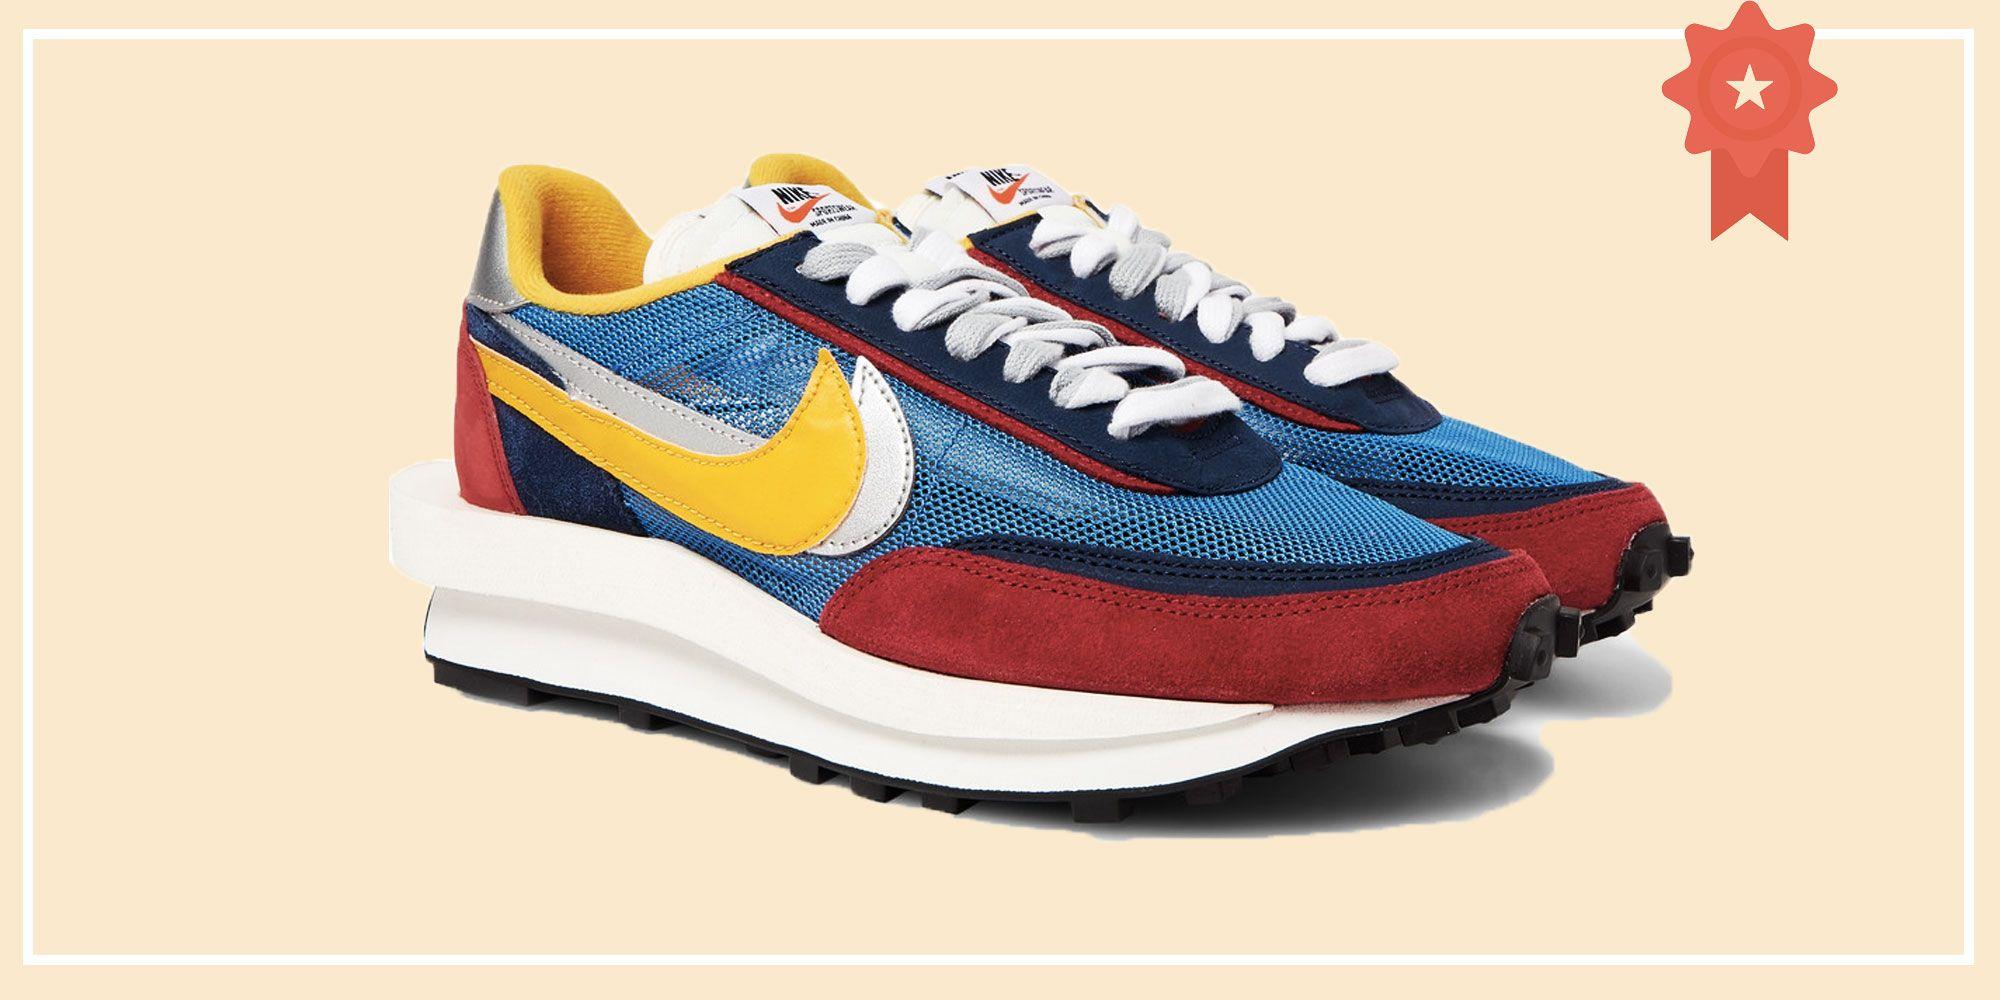 scarpe da ginnastica appena uscite nike 2006ù